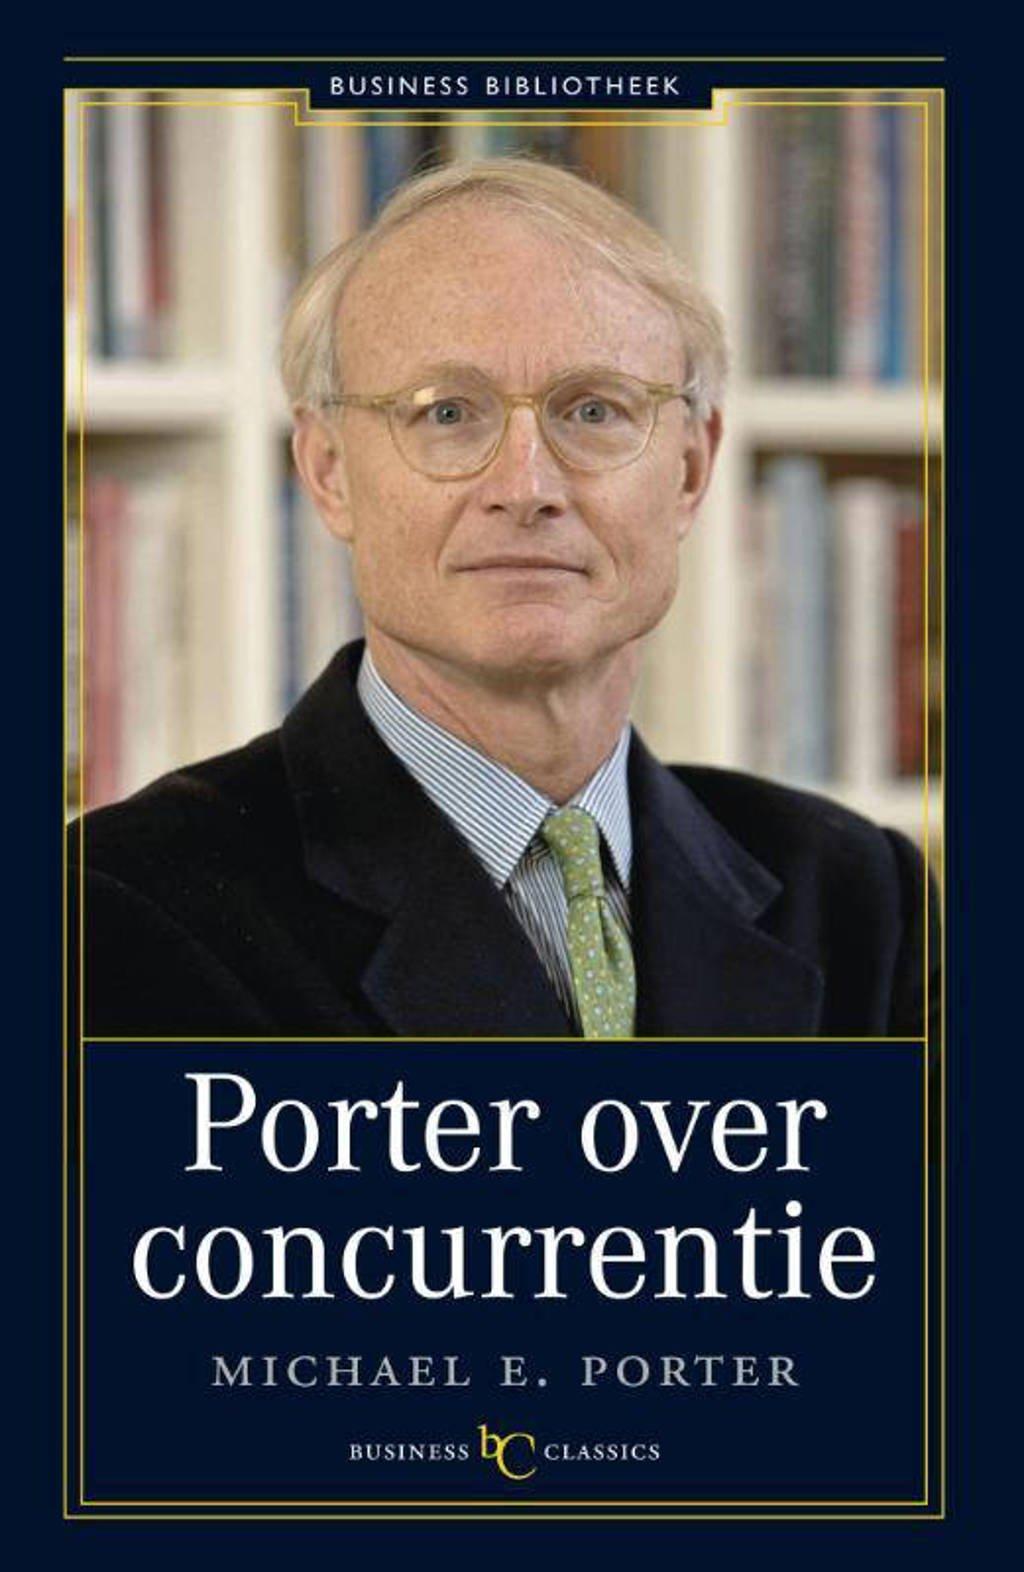 Business bibliotheek: Porter over concurrentie - Michel E. Porter